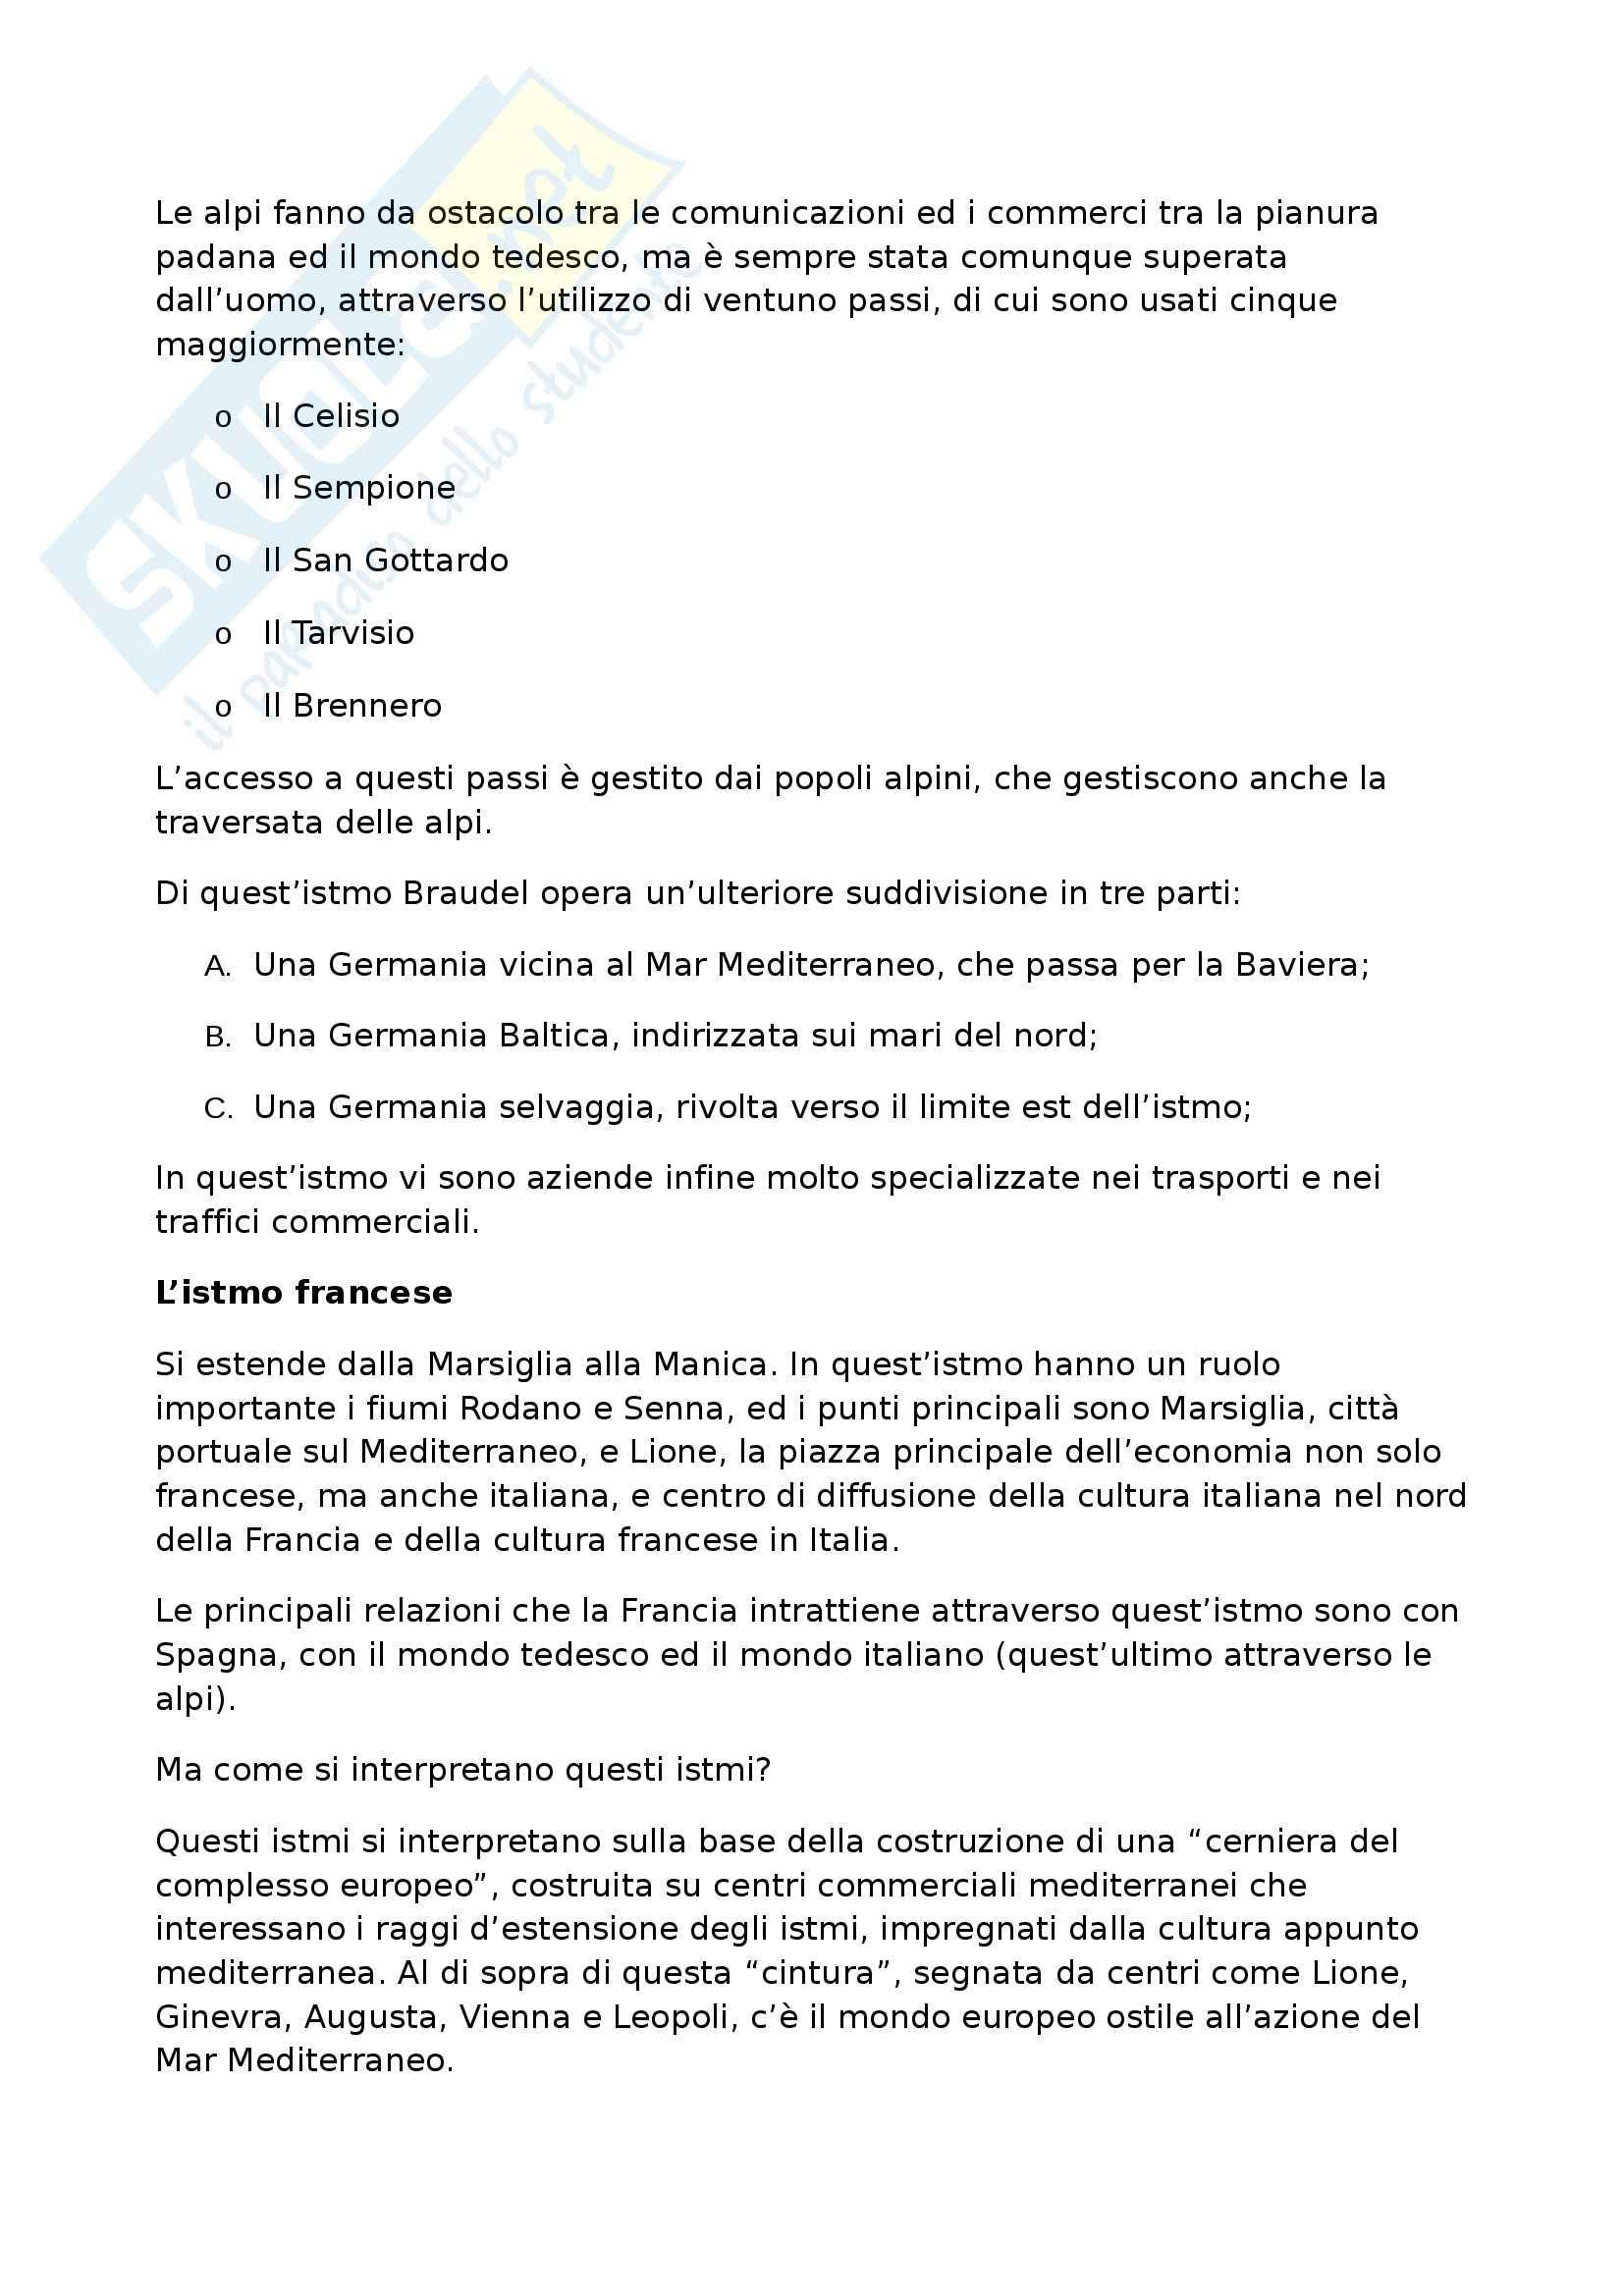 Riassunto esame Geografia Storica, prof. Pase, libro consigliato Civiltà ed Imperi del Mediterraneo nell'Età di Filippo II, Braudel Pag. 21